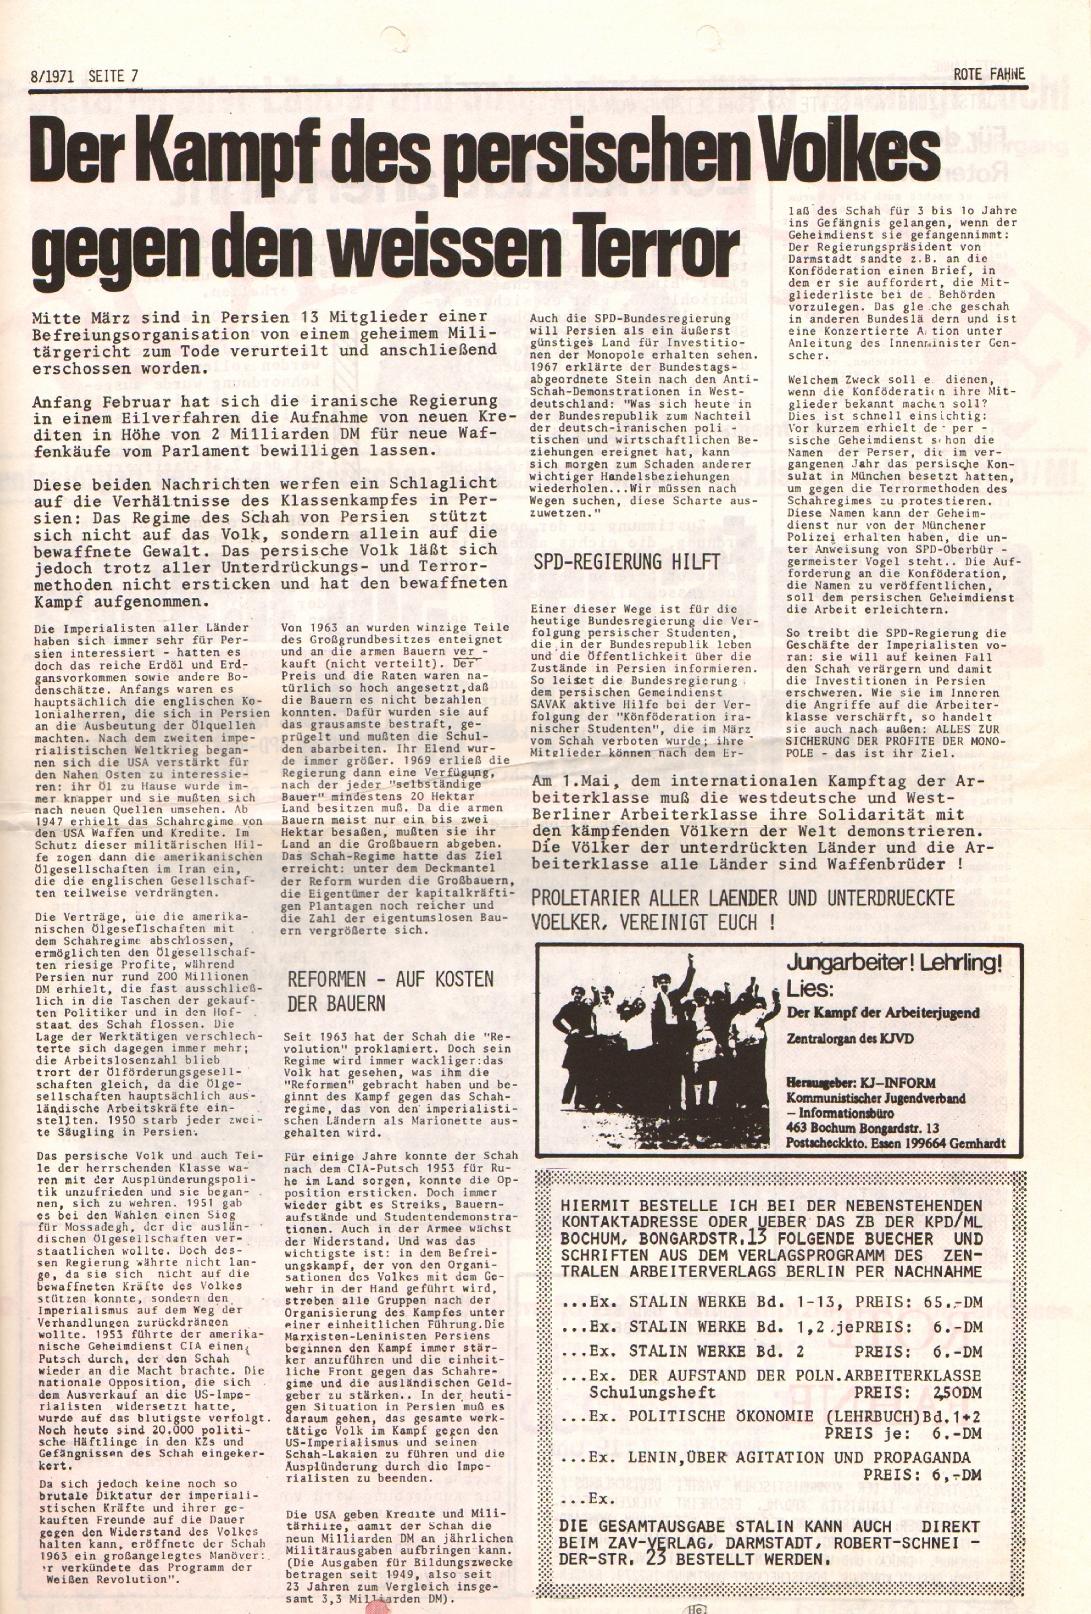 Rote Fahne, 2. Jg., 26.4.1971, Nr. 8, Seite 7